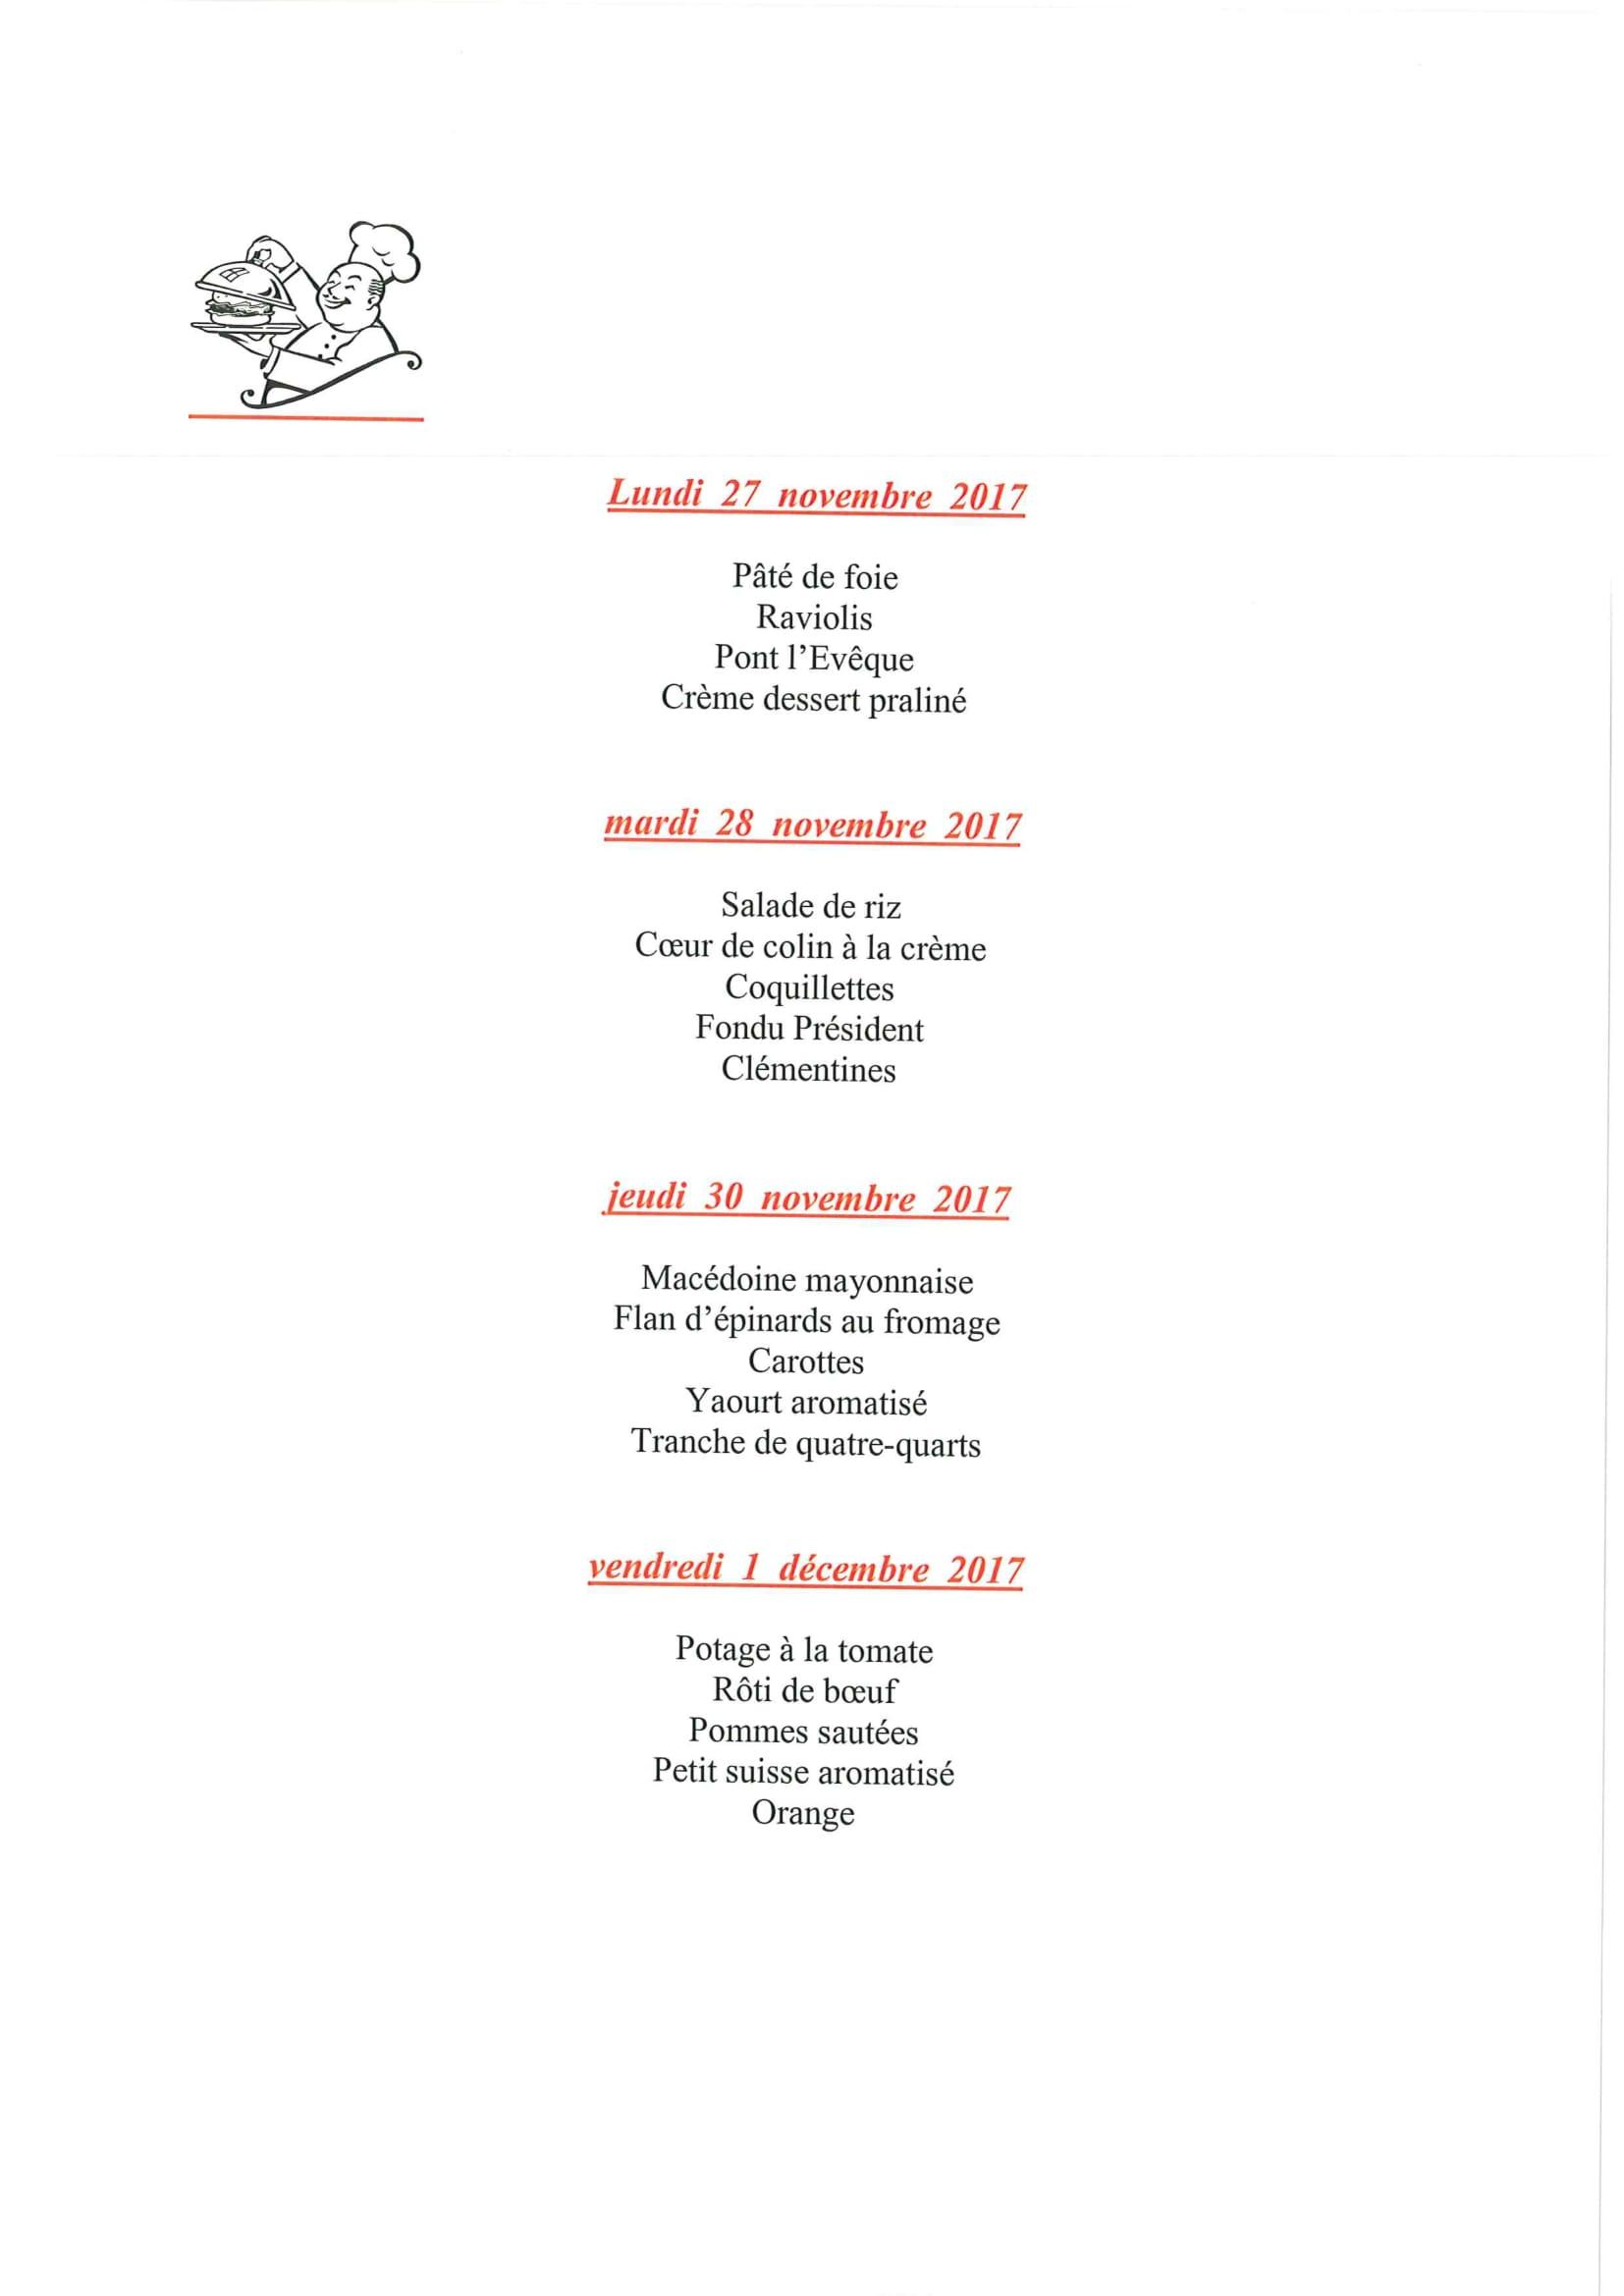 menu_6-11_1-12-4